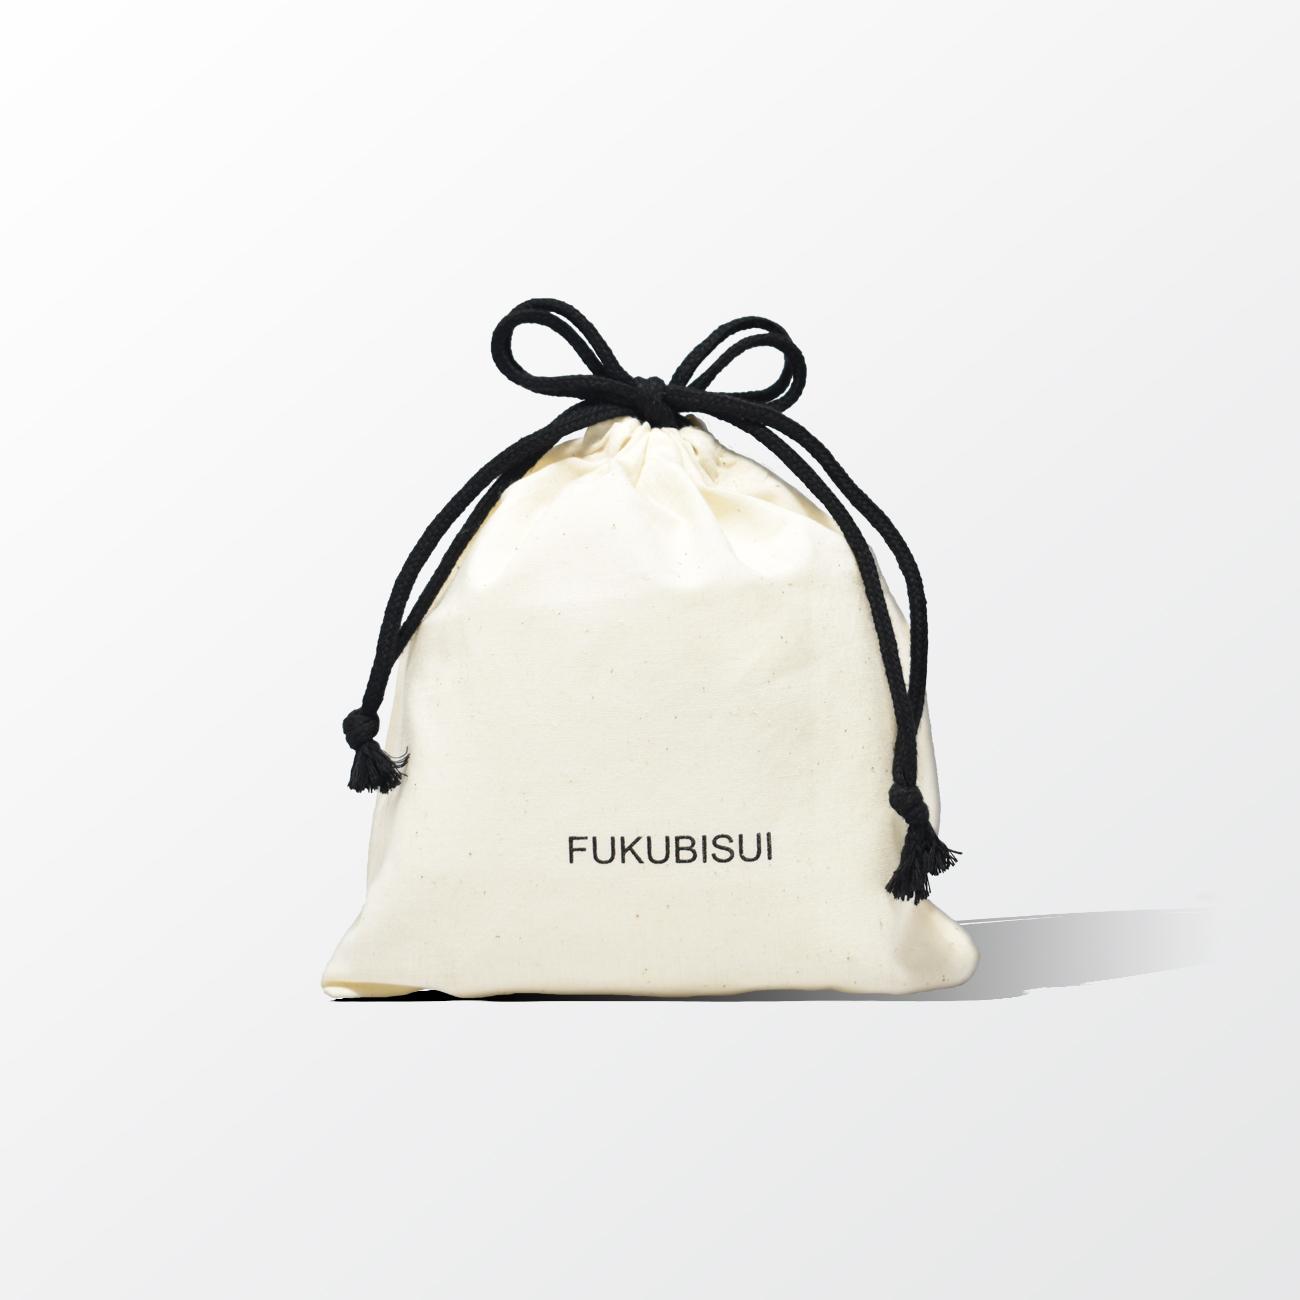 ギフト用 巾着  Sサイズ     (お客様ご自身でお包み頂く資材です。)